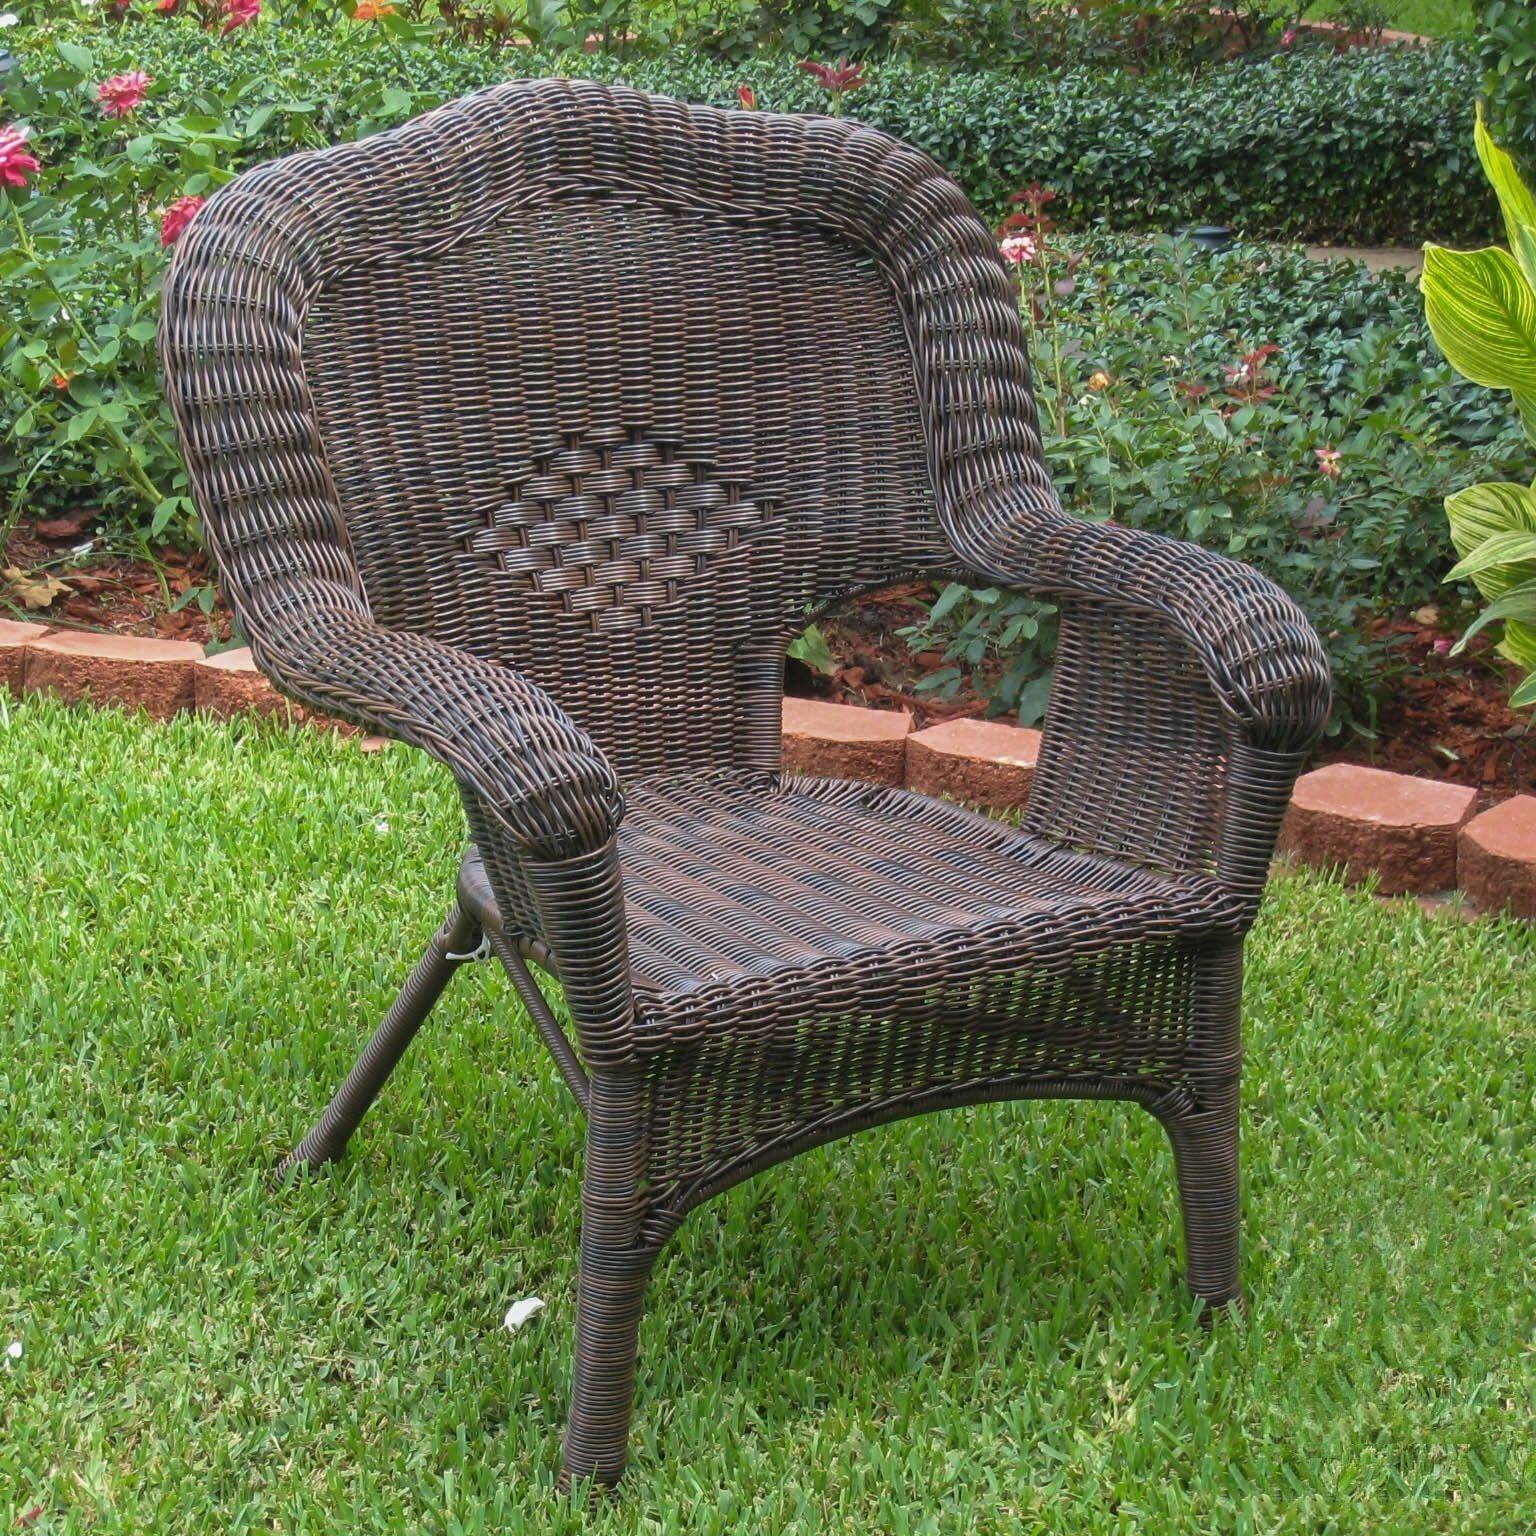 International Caravan PVC Resin Steel Frame Outdoor Chair Black